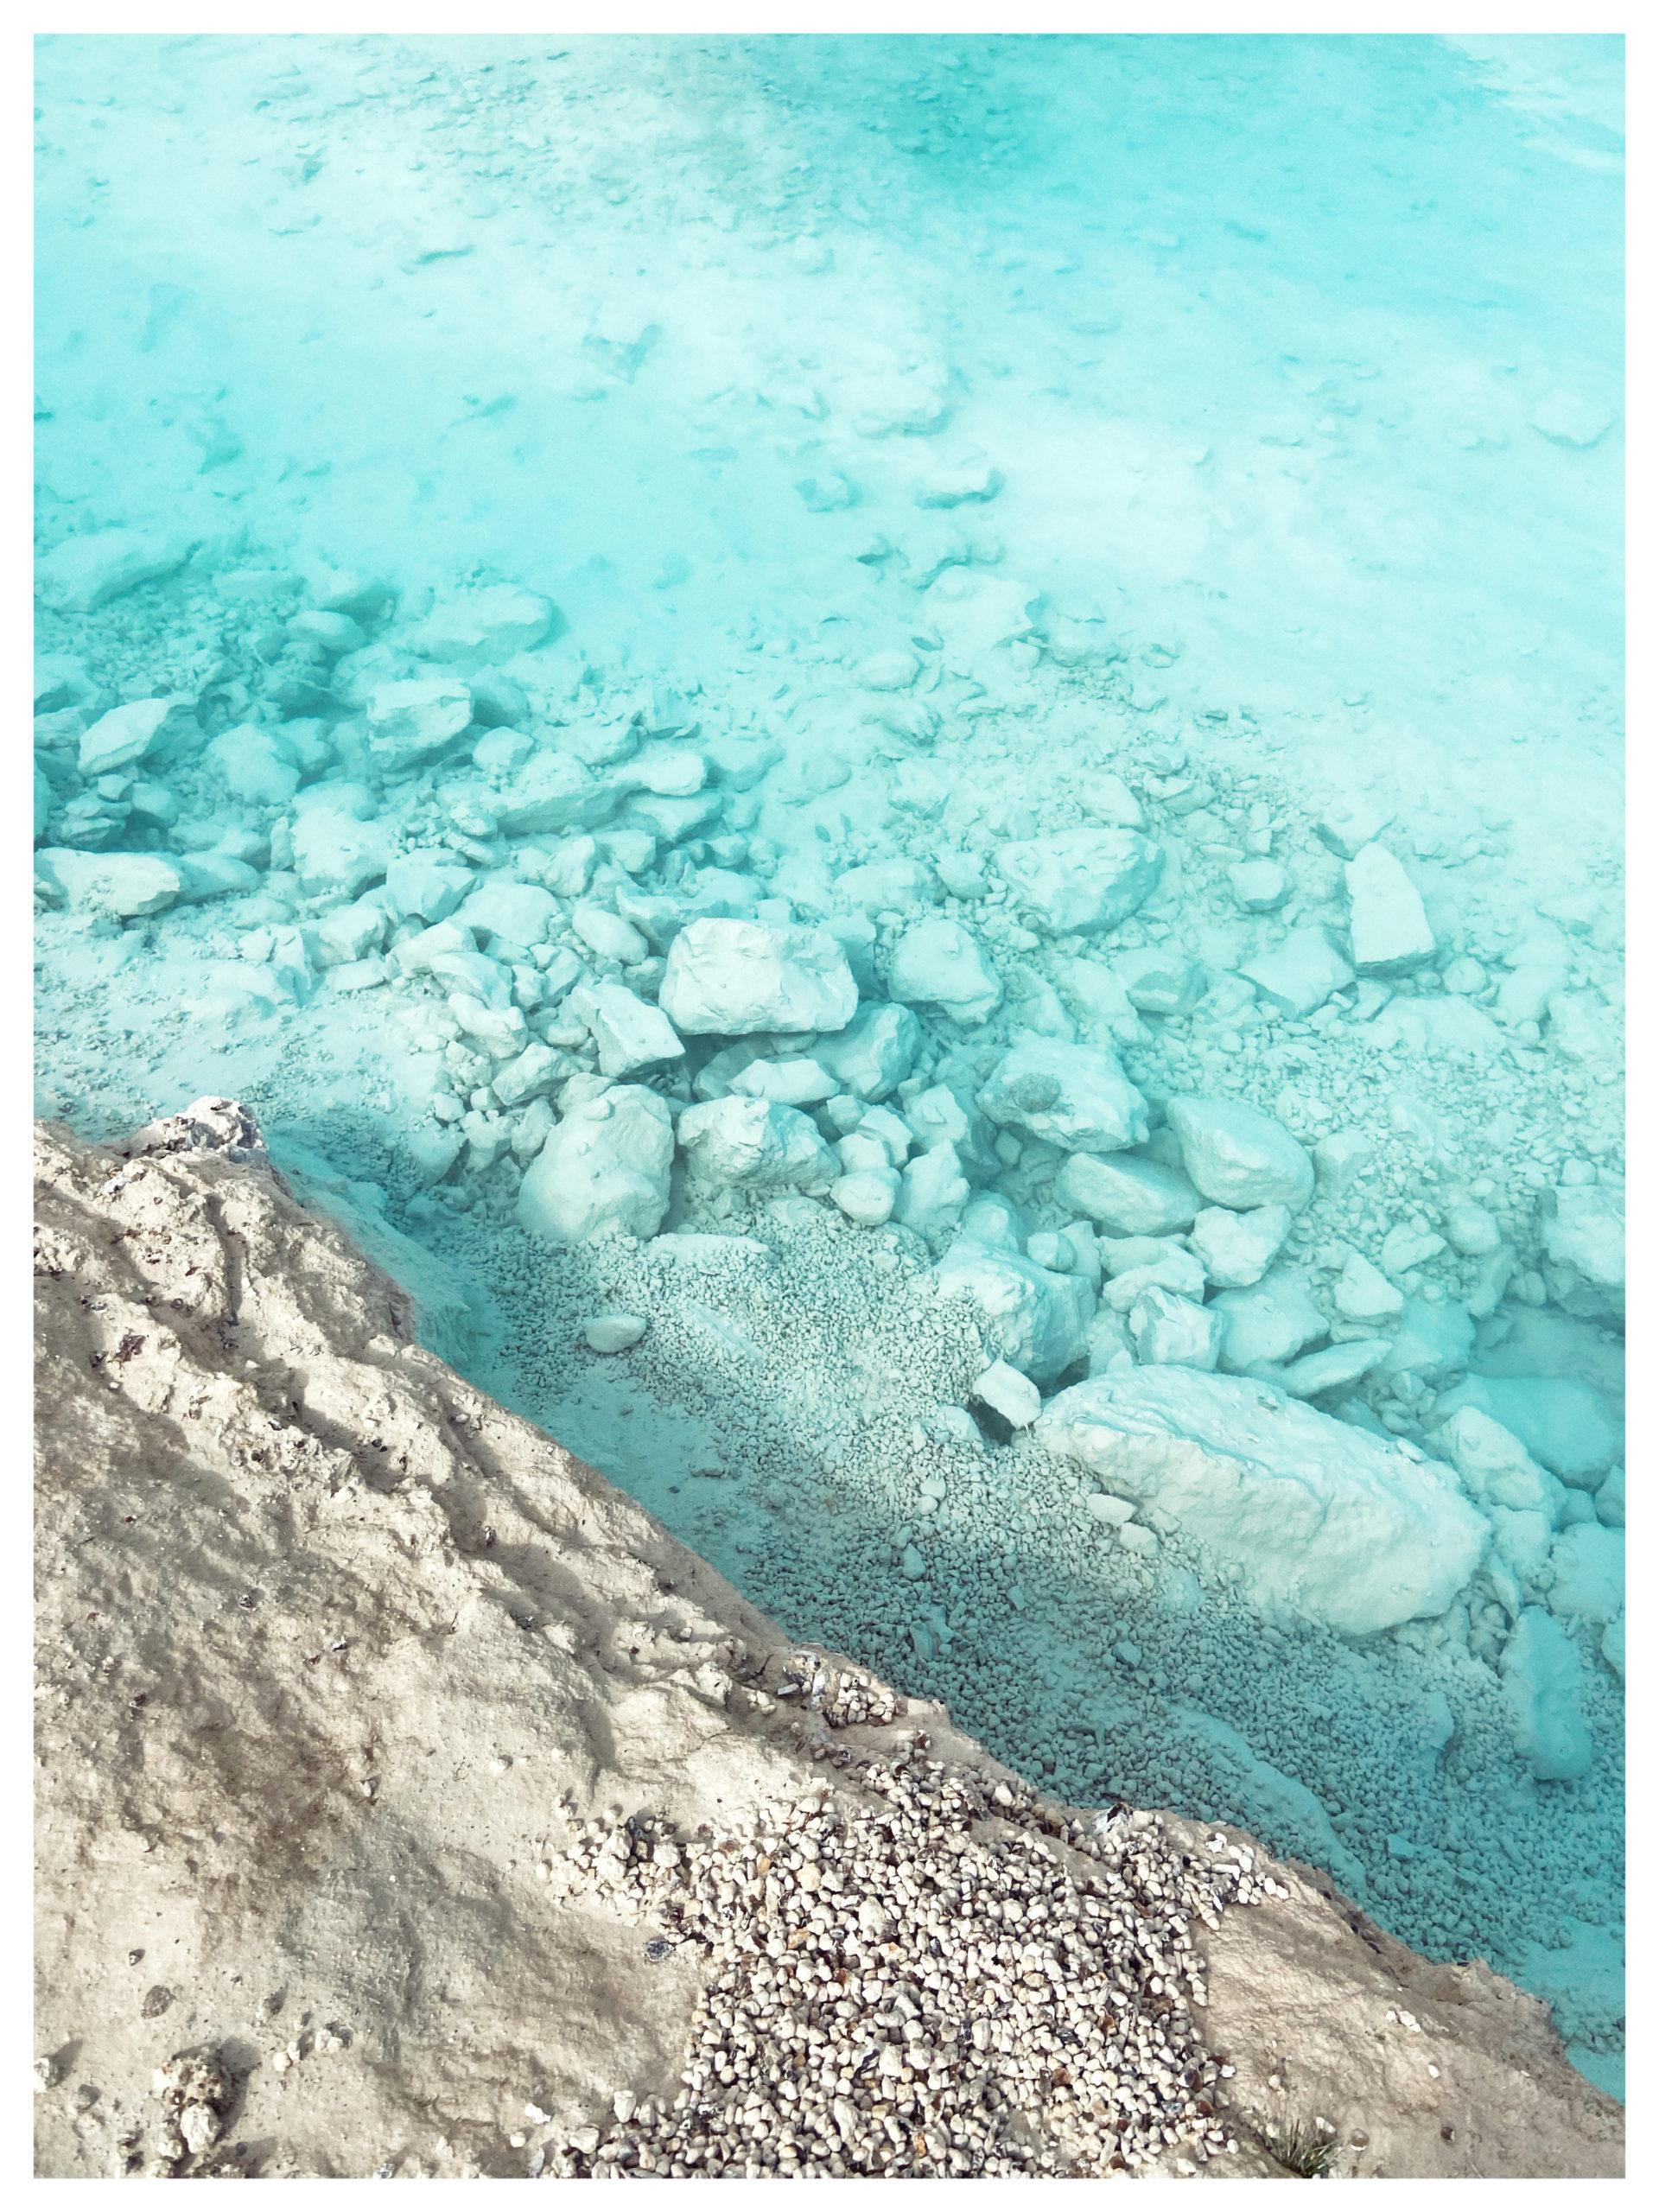 Krystalklart vand i Faxe Kalkbrud - Fotograf: Tenna Fonnesbo